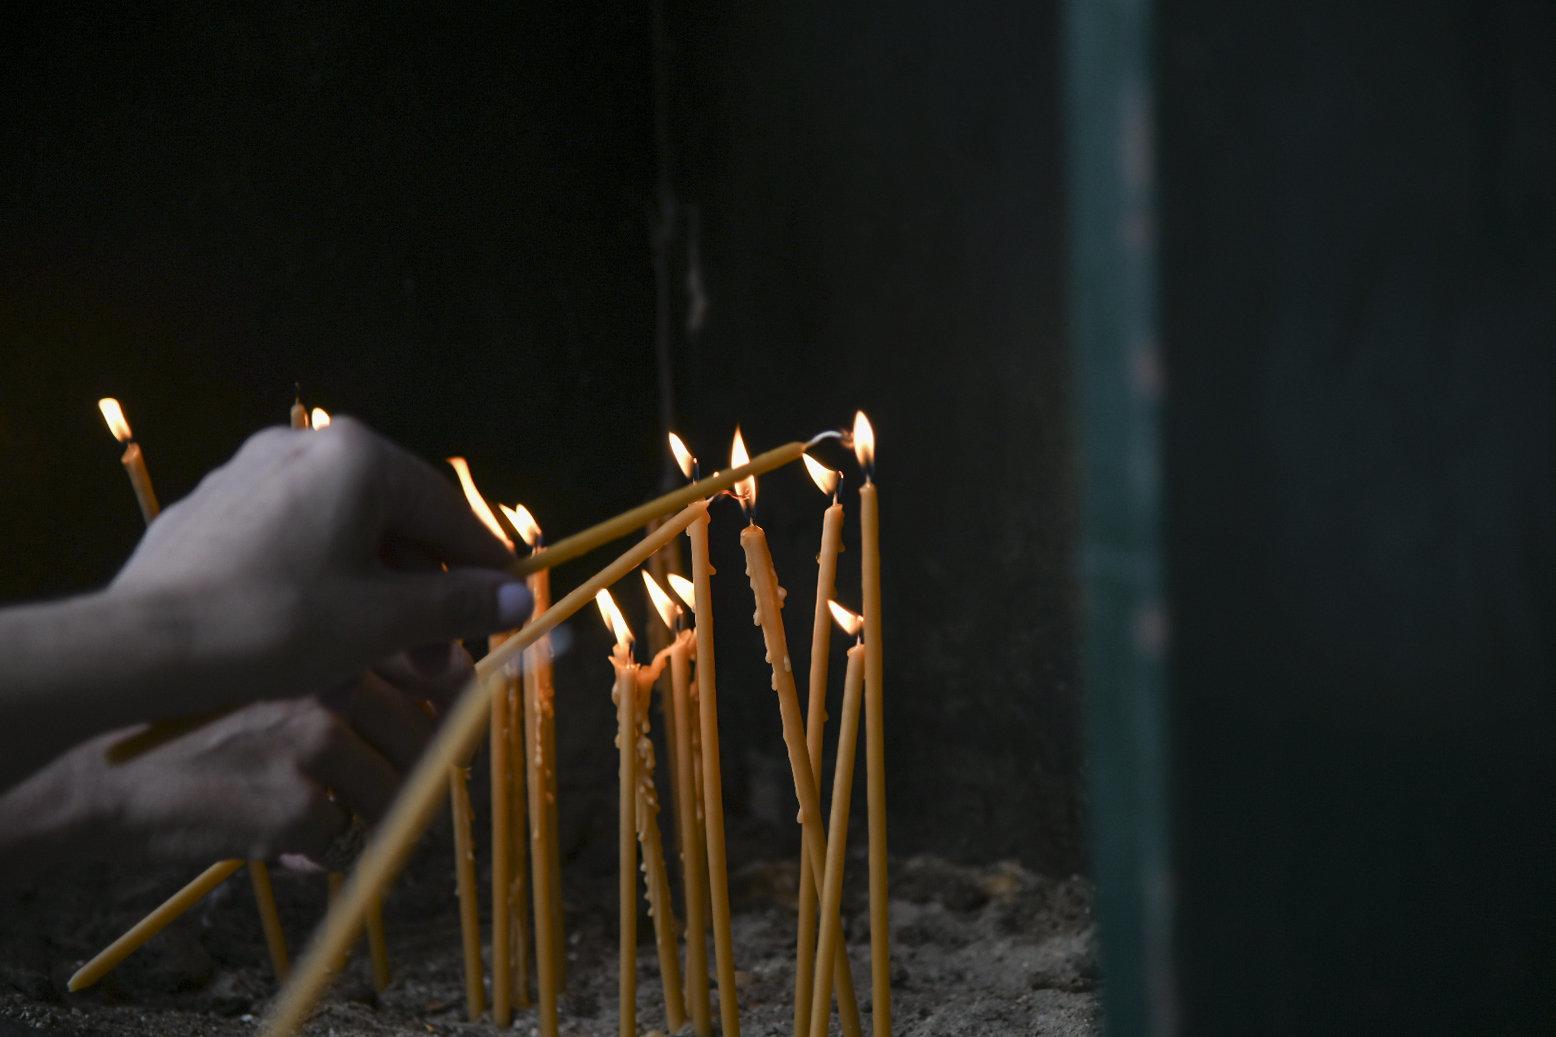 Οι μεγάλες κρίσεις Κράτους - Εκκλησίας που άνοιξαν τον διάλογο για τον διαχωρισμό των δύο